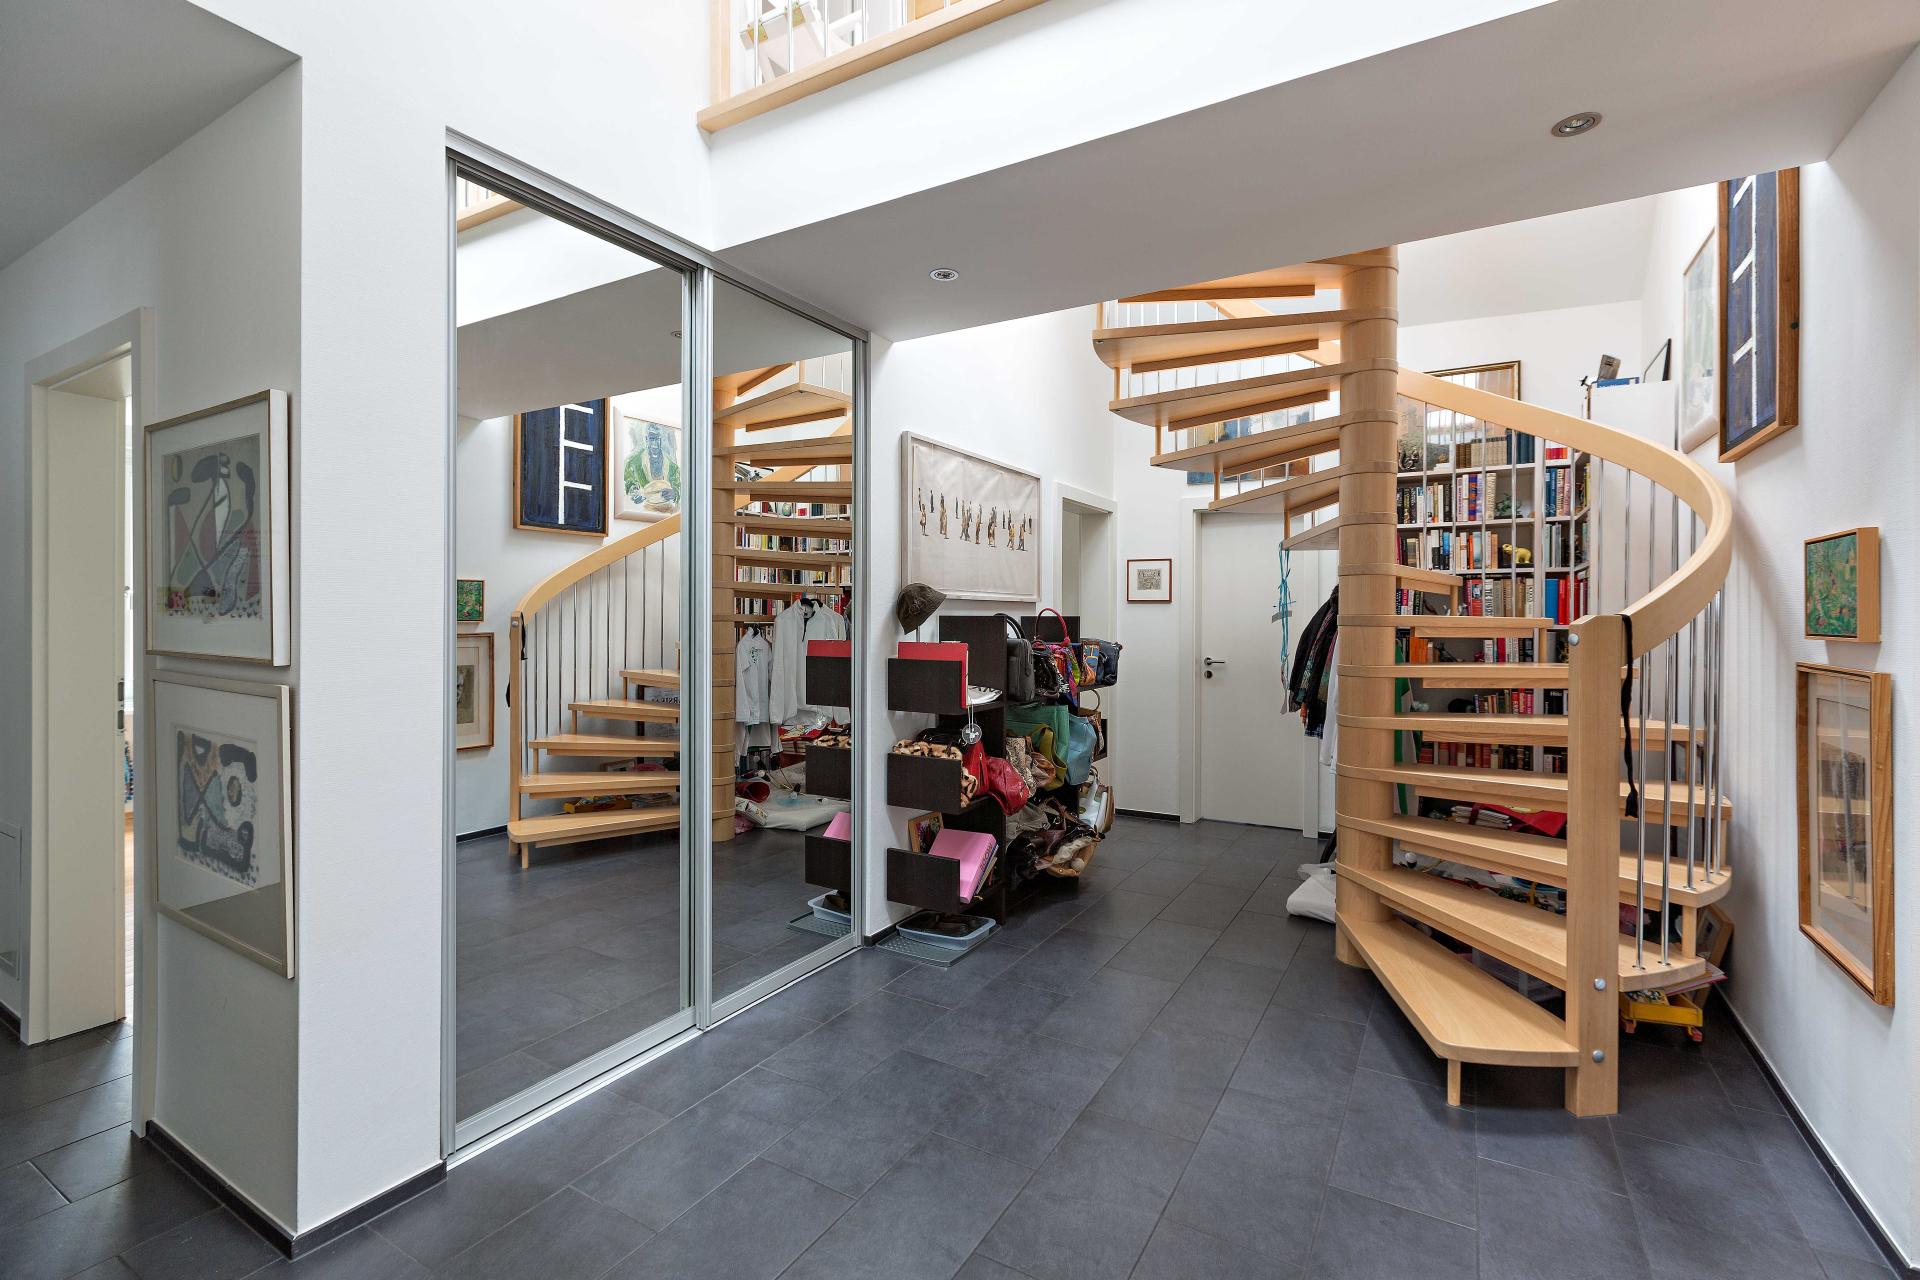 nischenverbau in spiegel in der diele auf zu. Black Bedroom Furniture Sets. Home Design Ideas